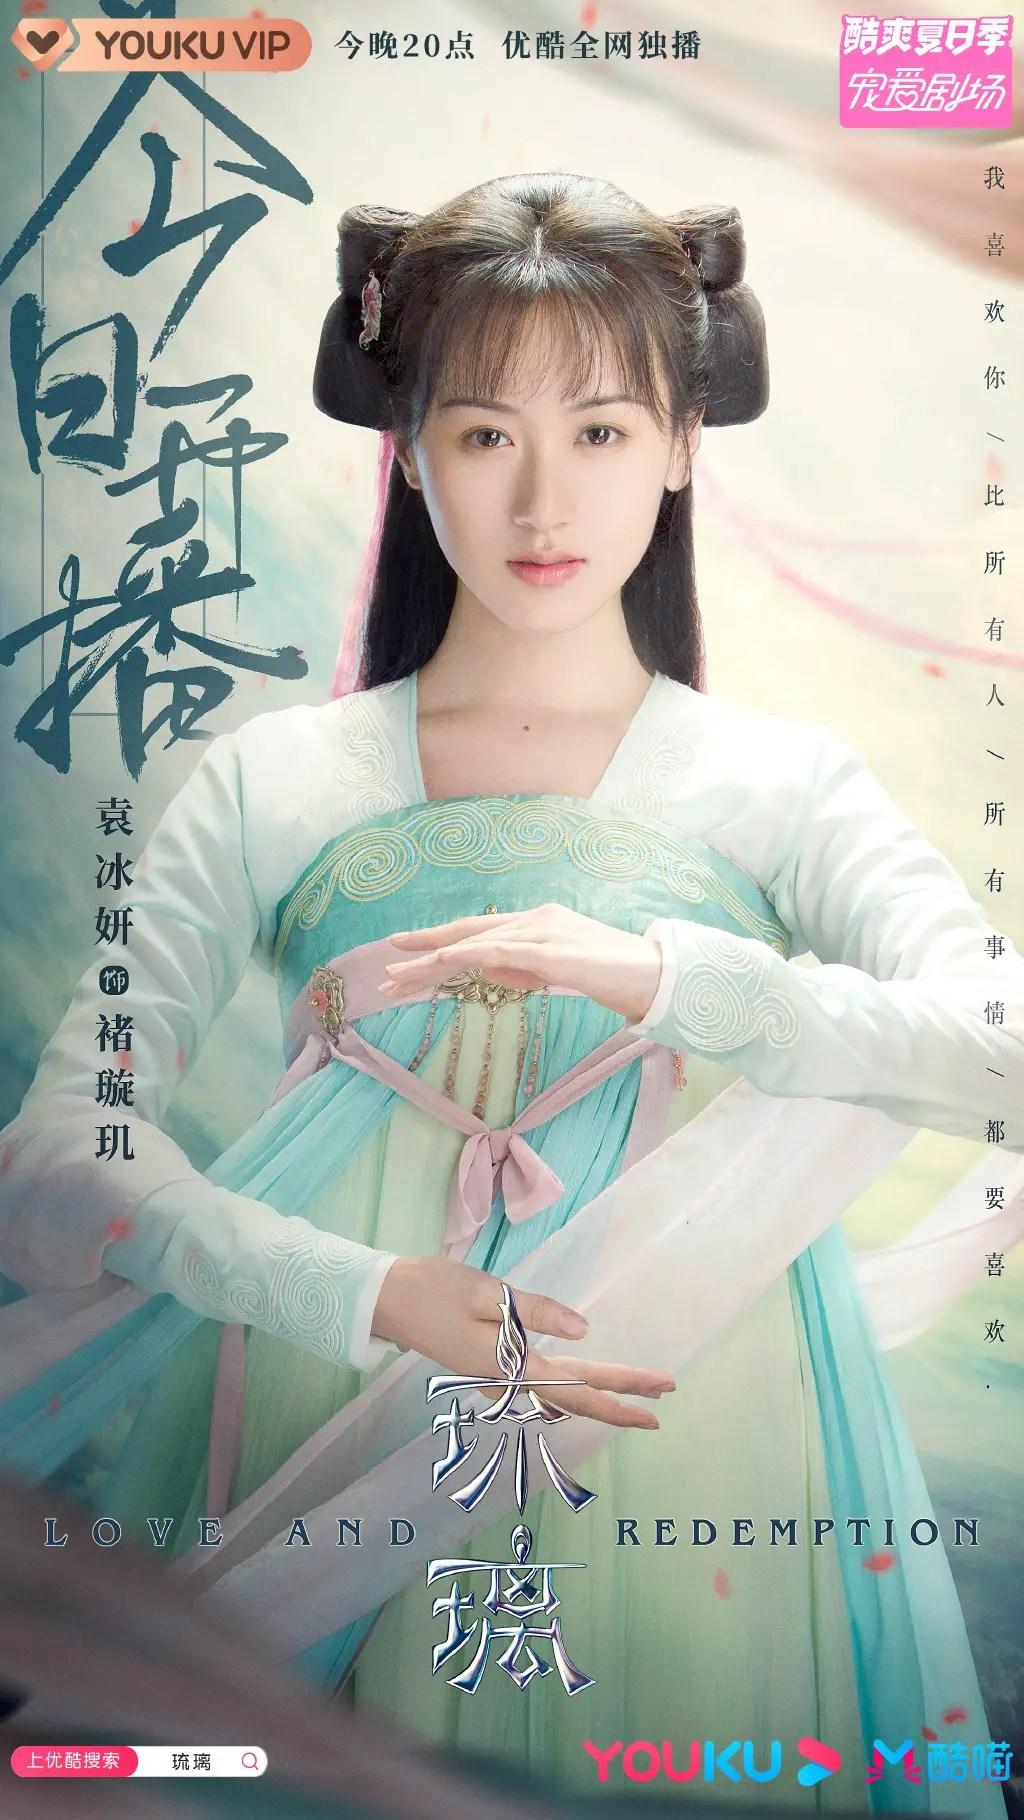 Yuan Bing Yan